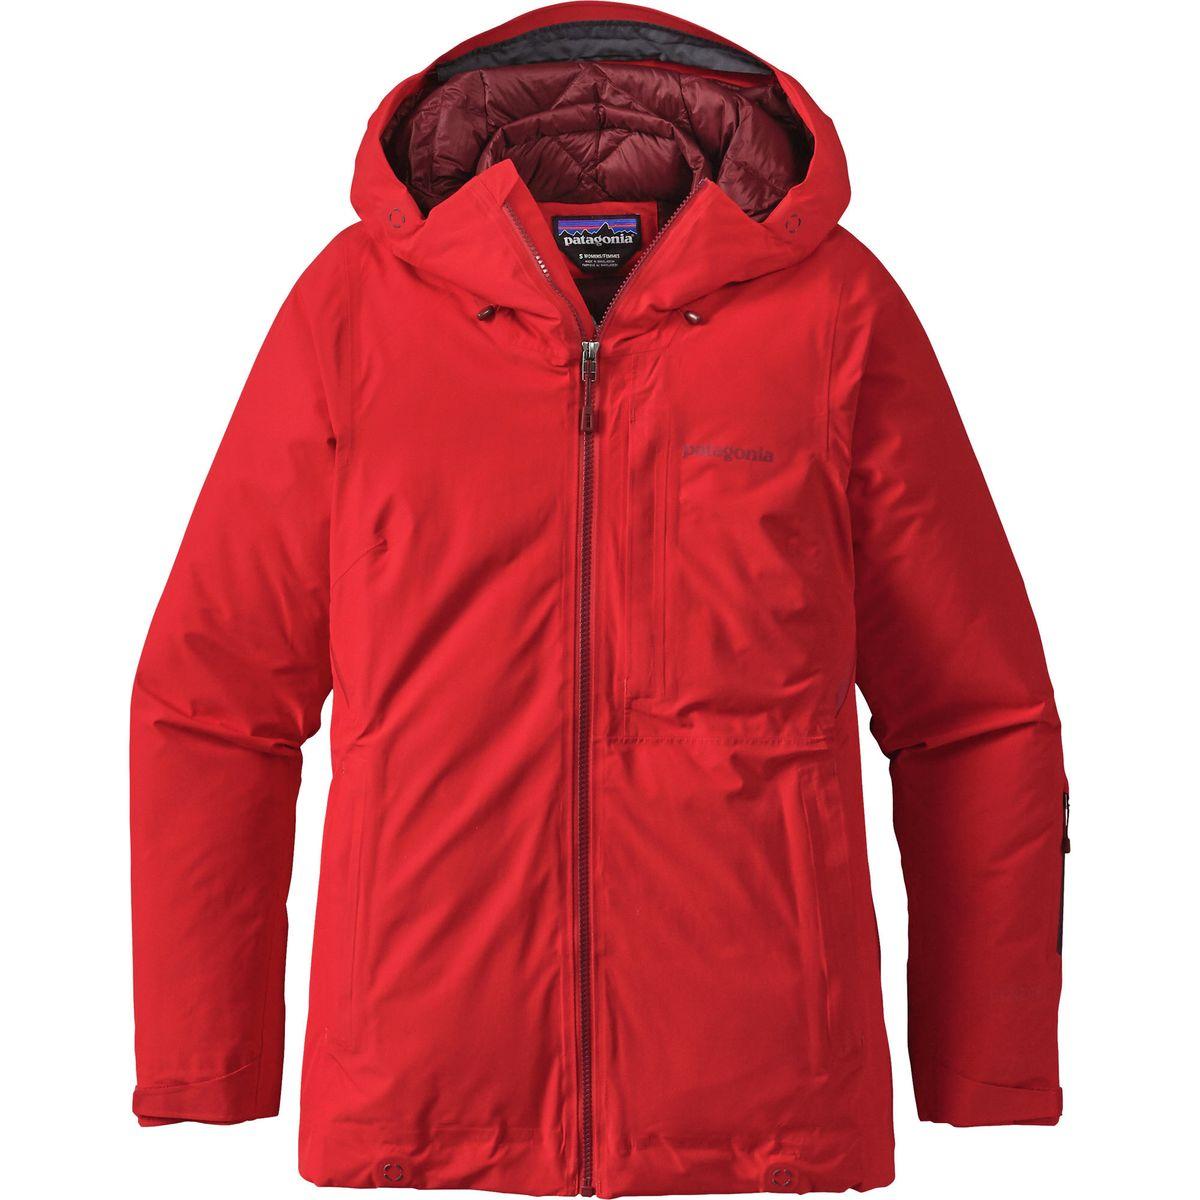 Patagonia Primo Down Jacket - Women